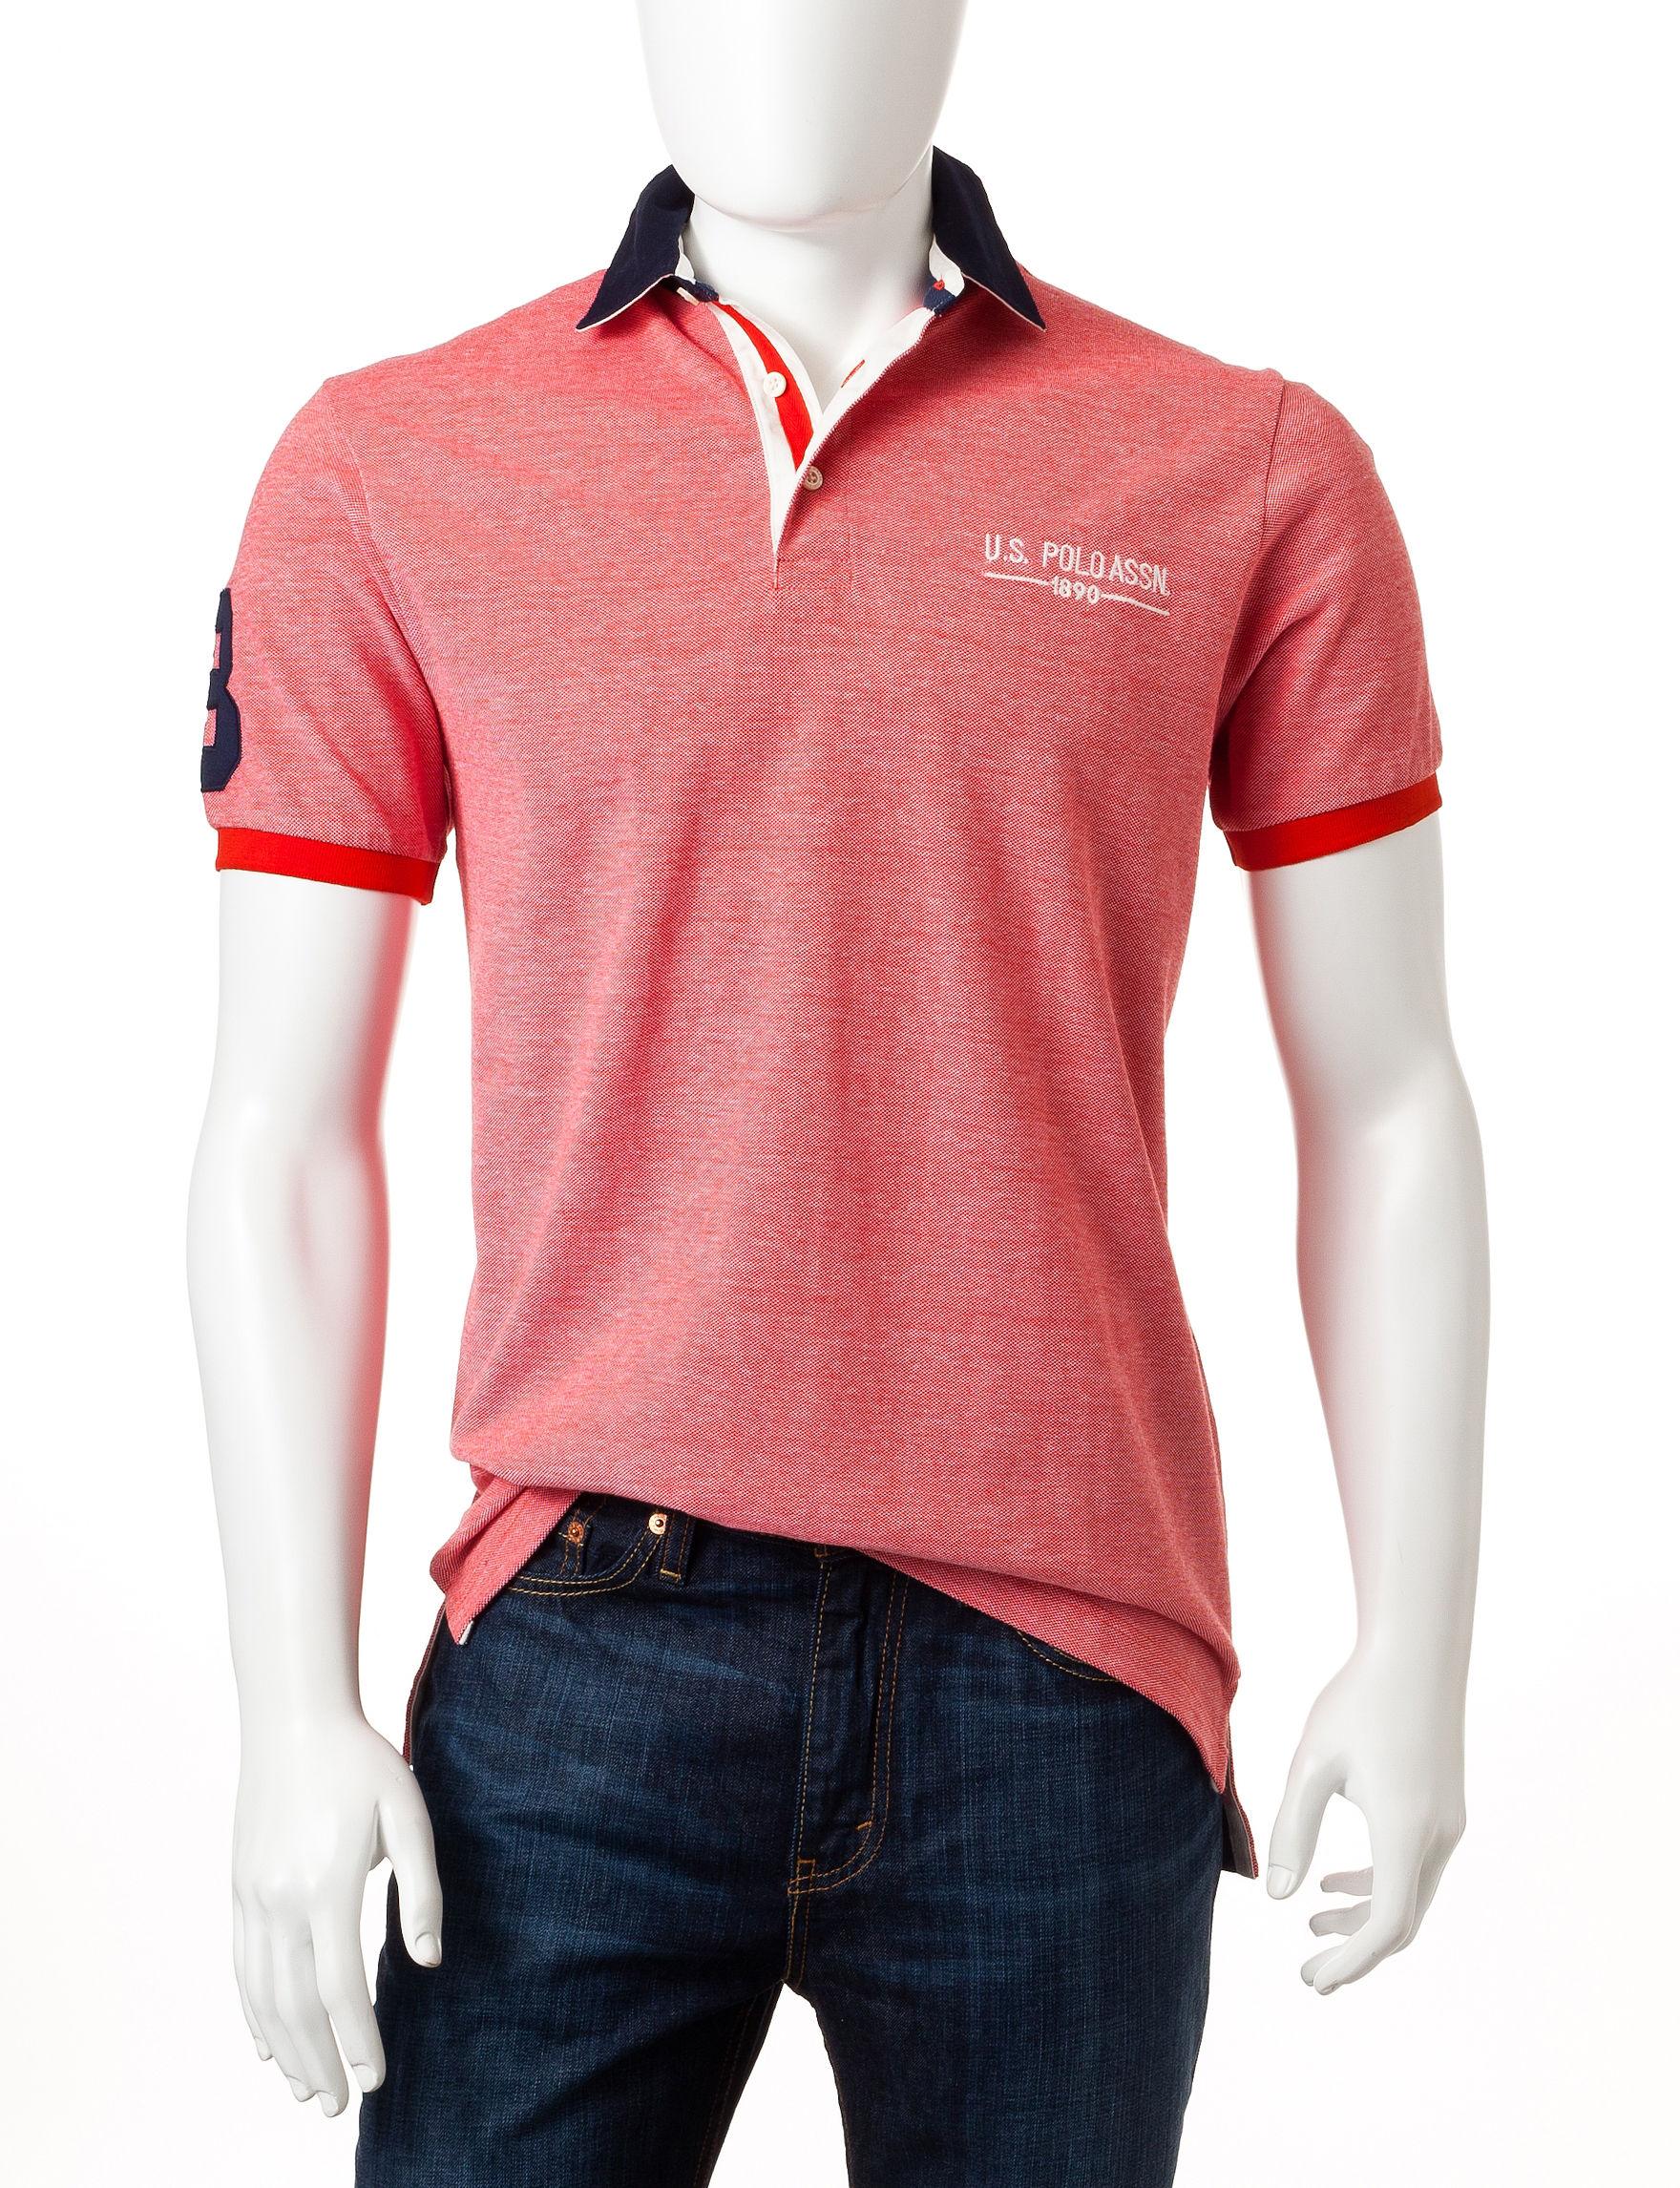 U.S. Polo Assn. Crimson Polos